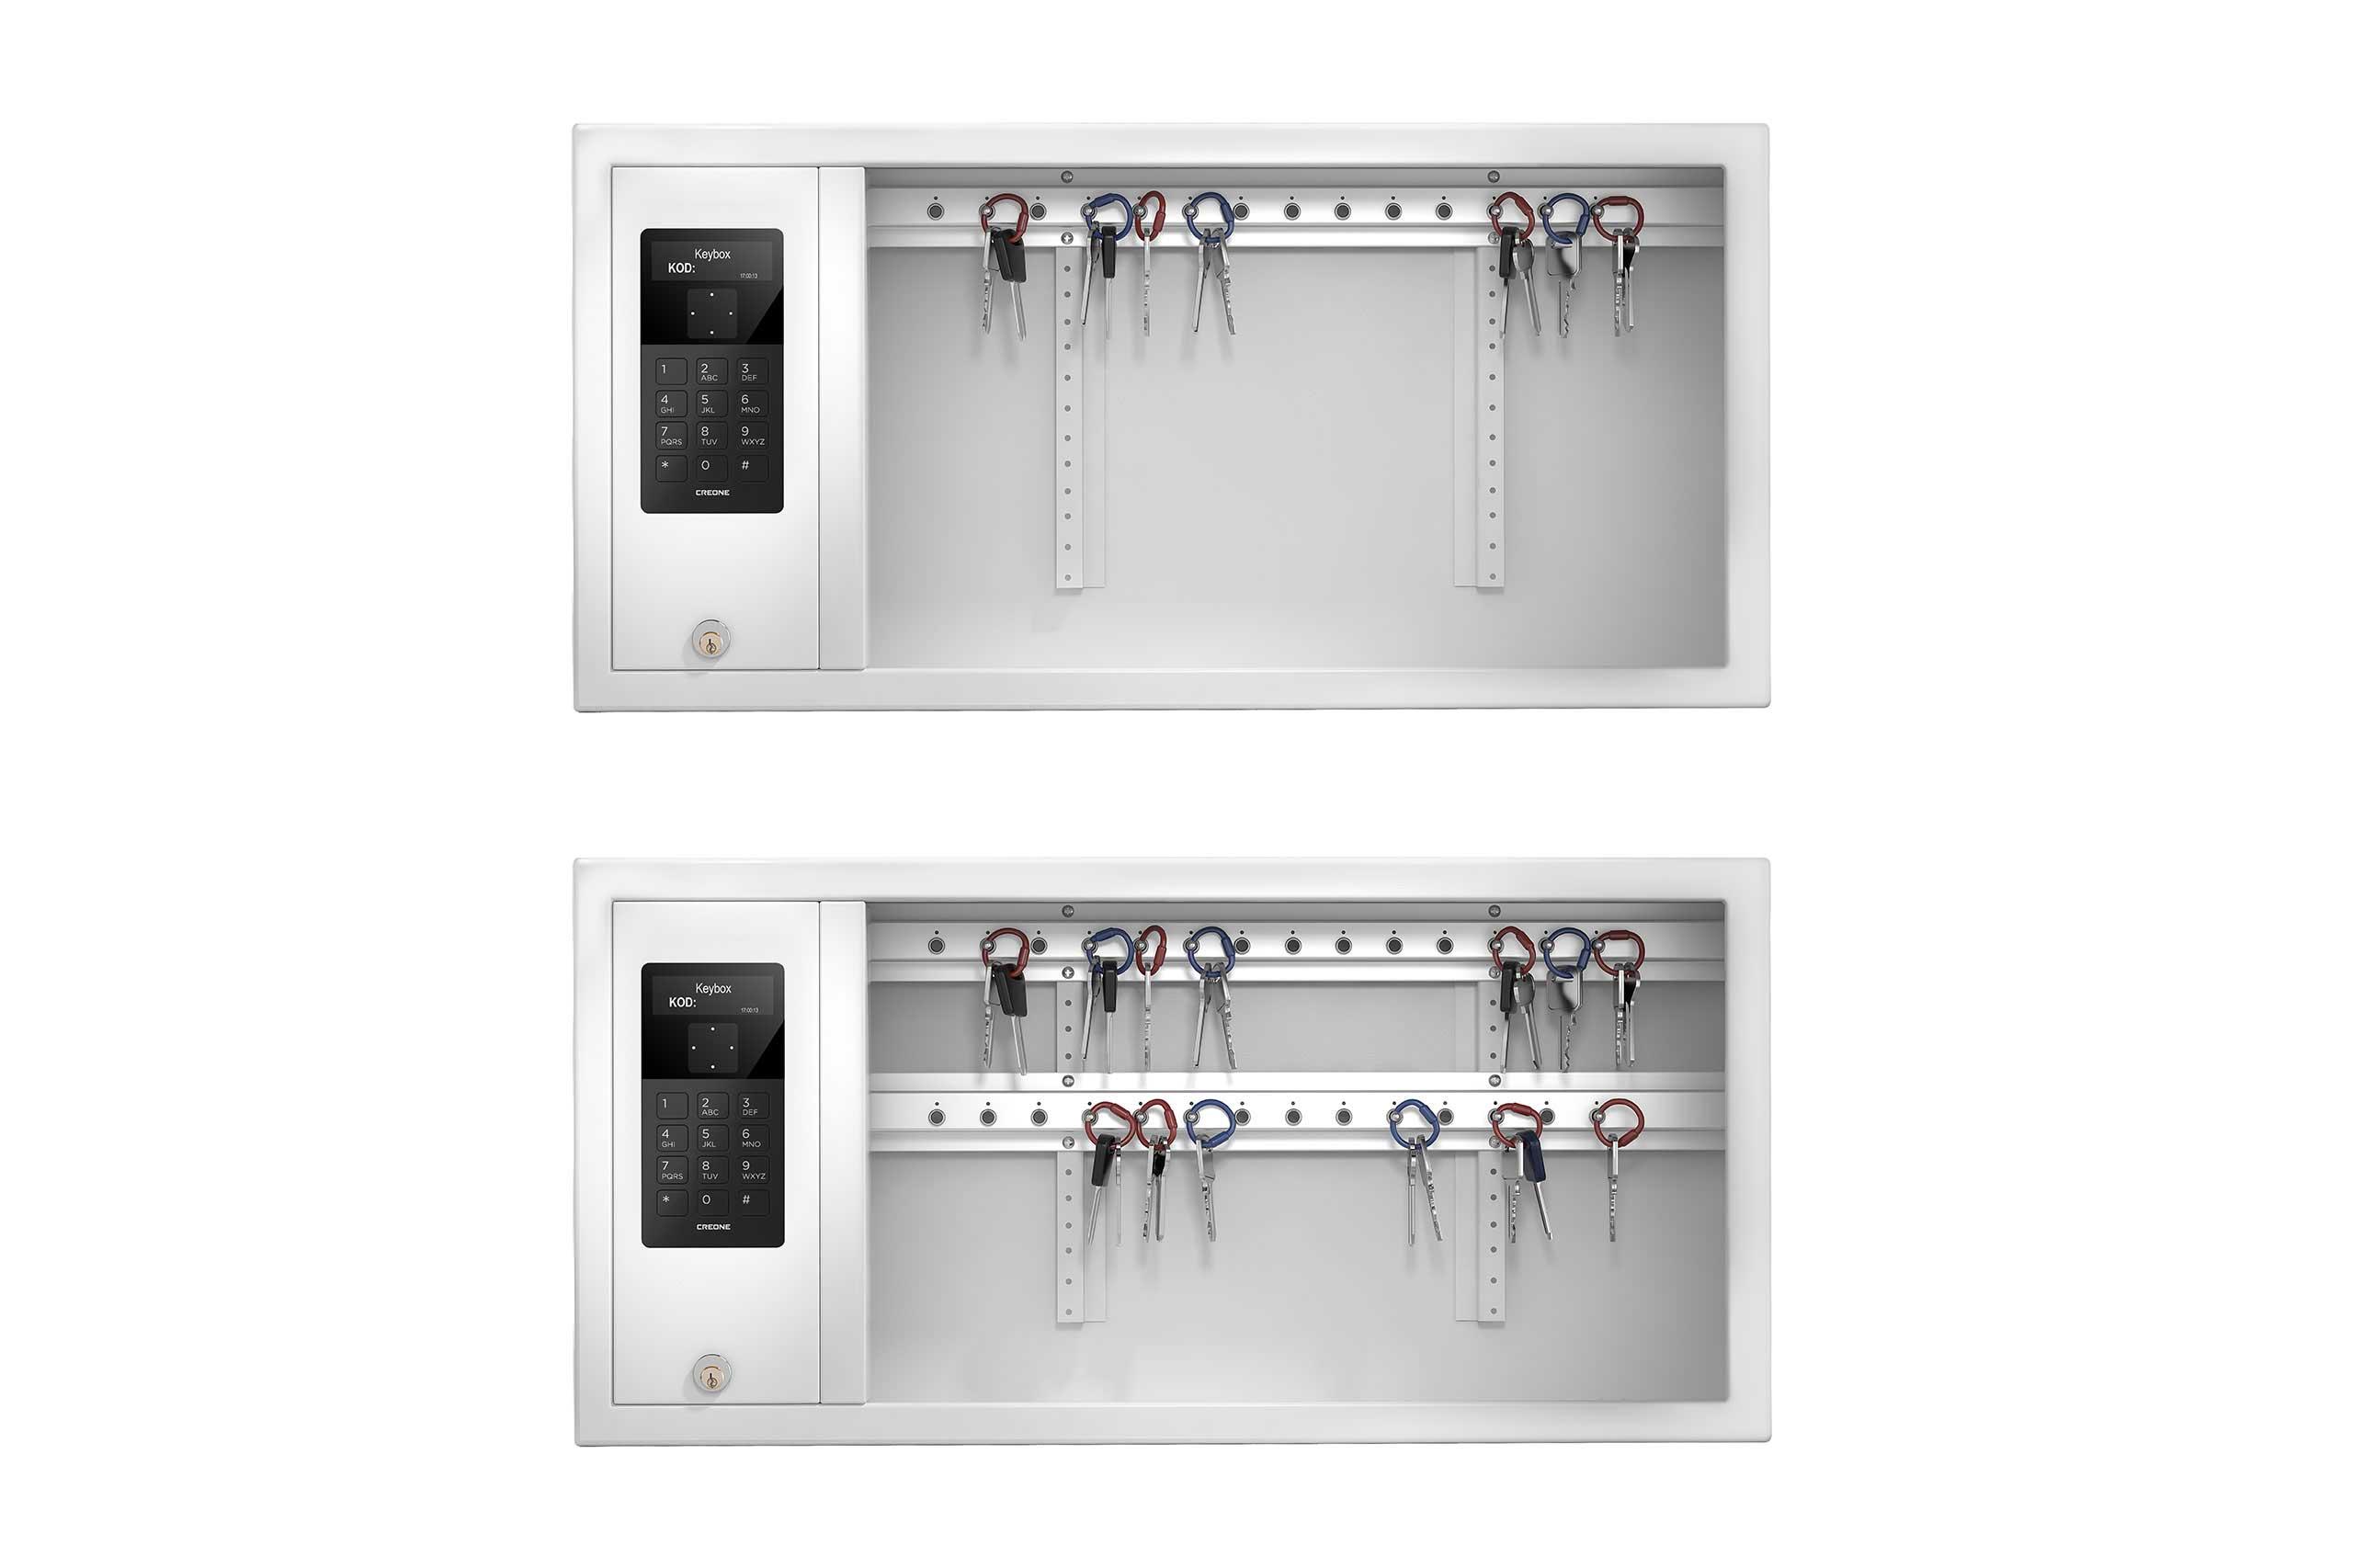 Deux armoires à clés KeyBox en version 9400 SC avec deux racks pour répondre á des besoins différents en matière de stockage de clés